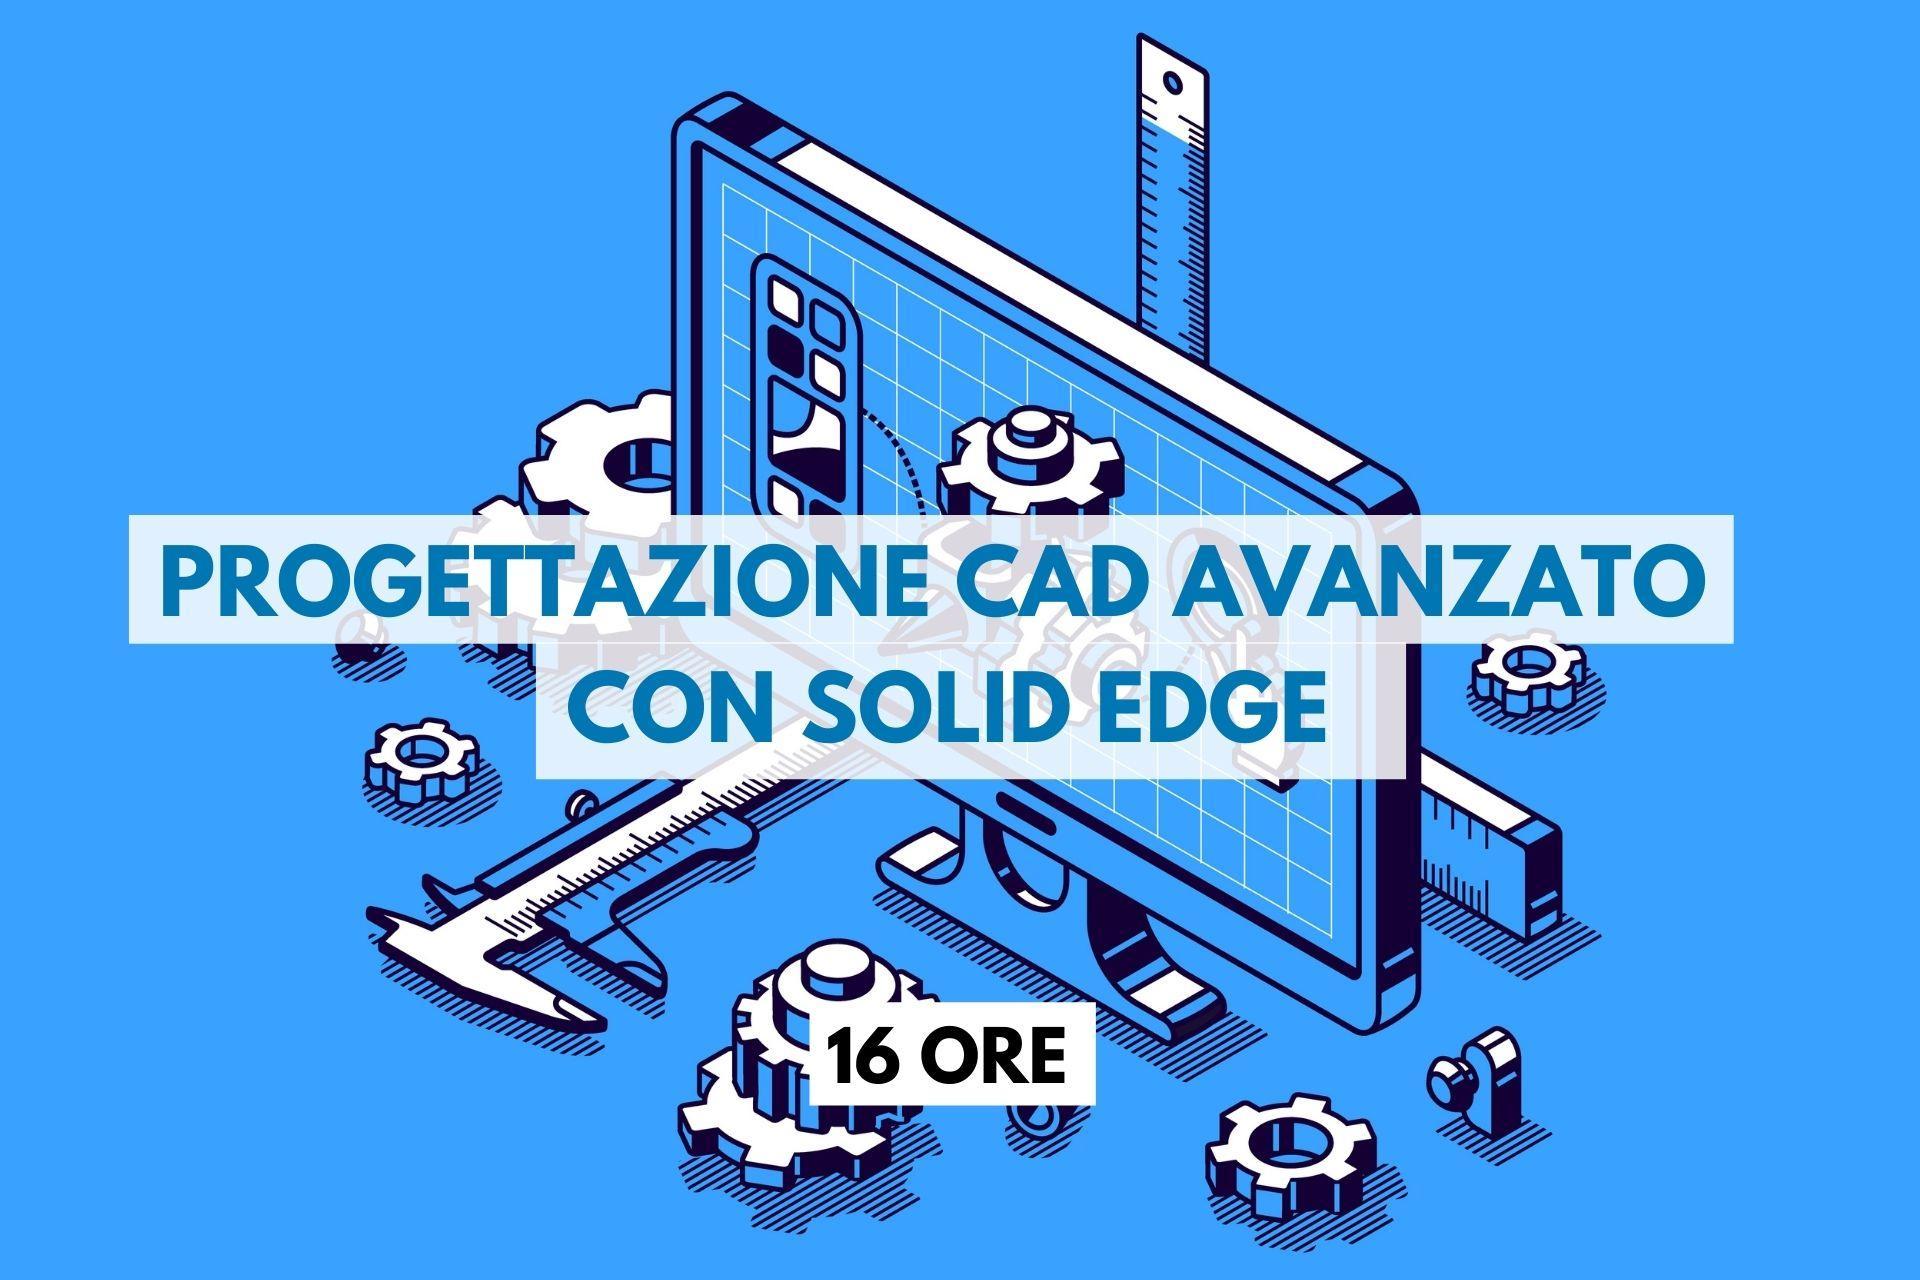 Progettazione CAD avanzato con SOLID EDGE - 16 ORE